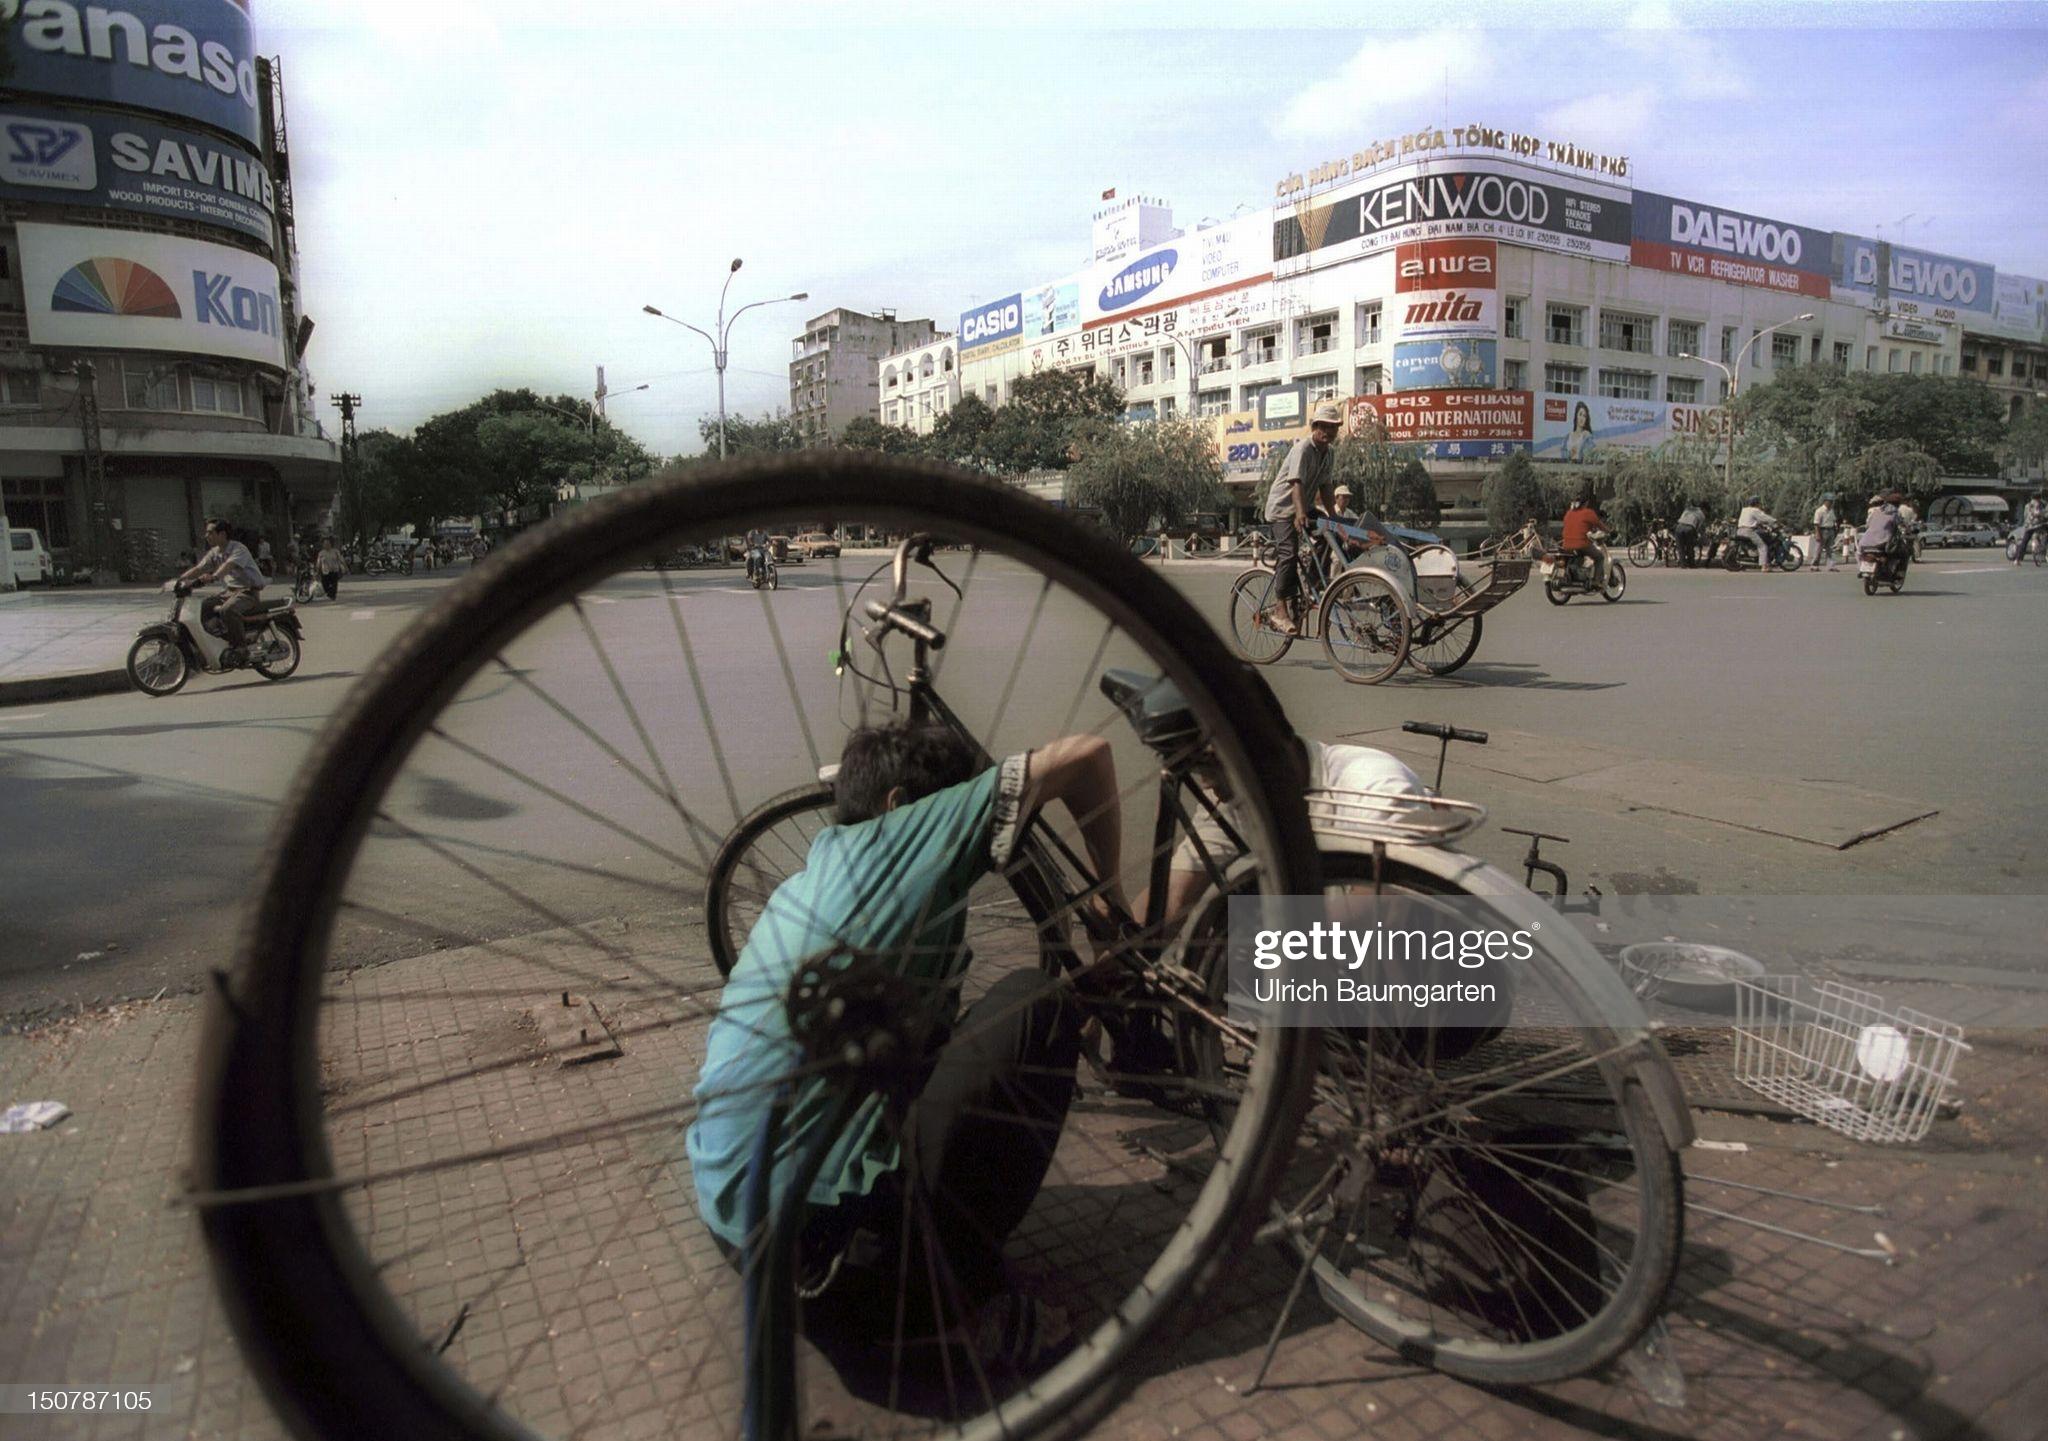 Chùm ảnh: Việt Nam năm 1994 qua ống kính của Ulrich Baumgarten